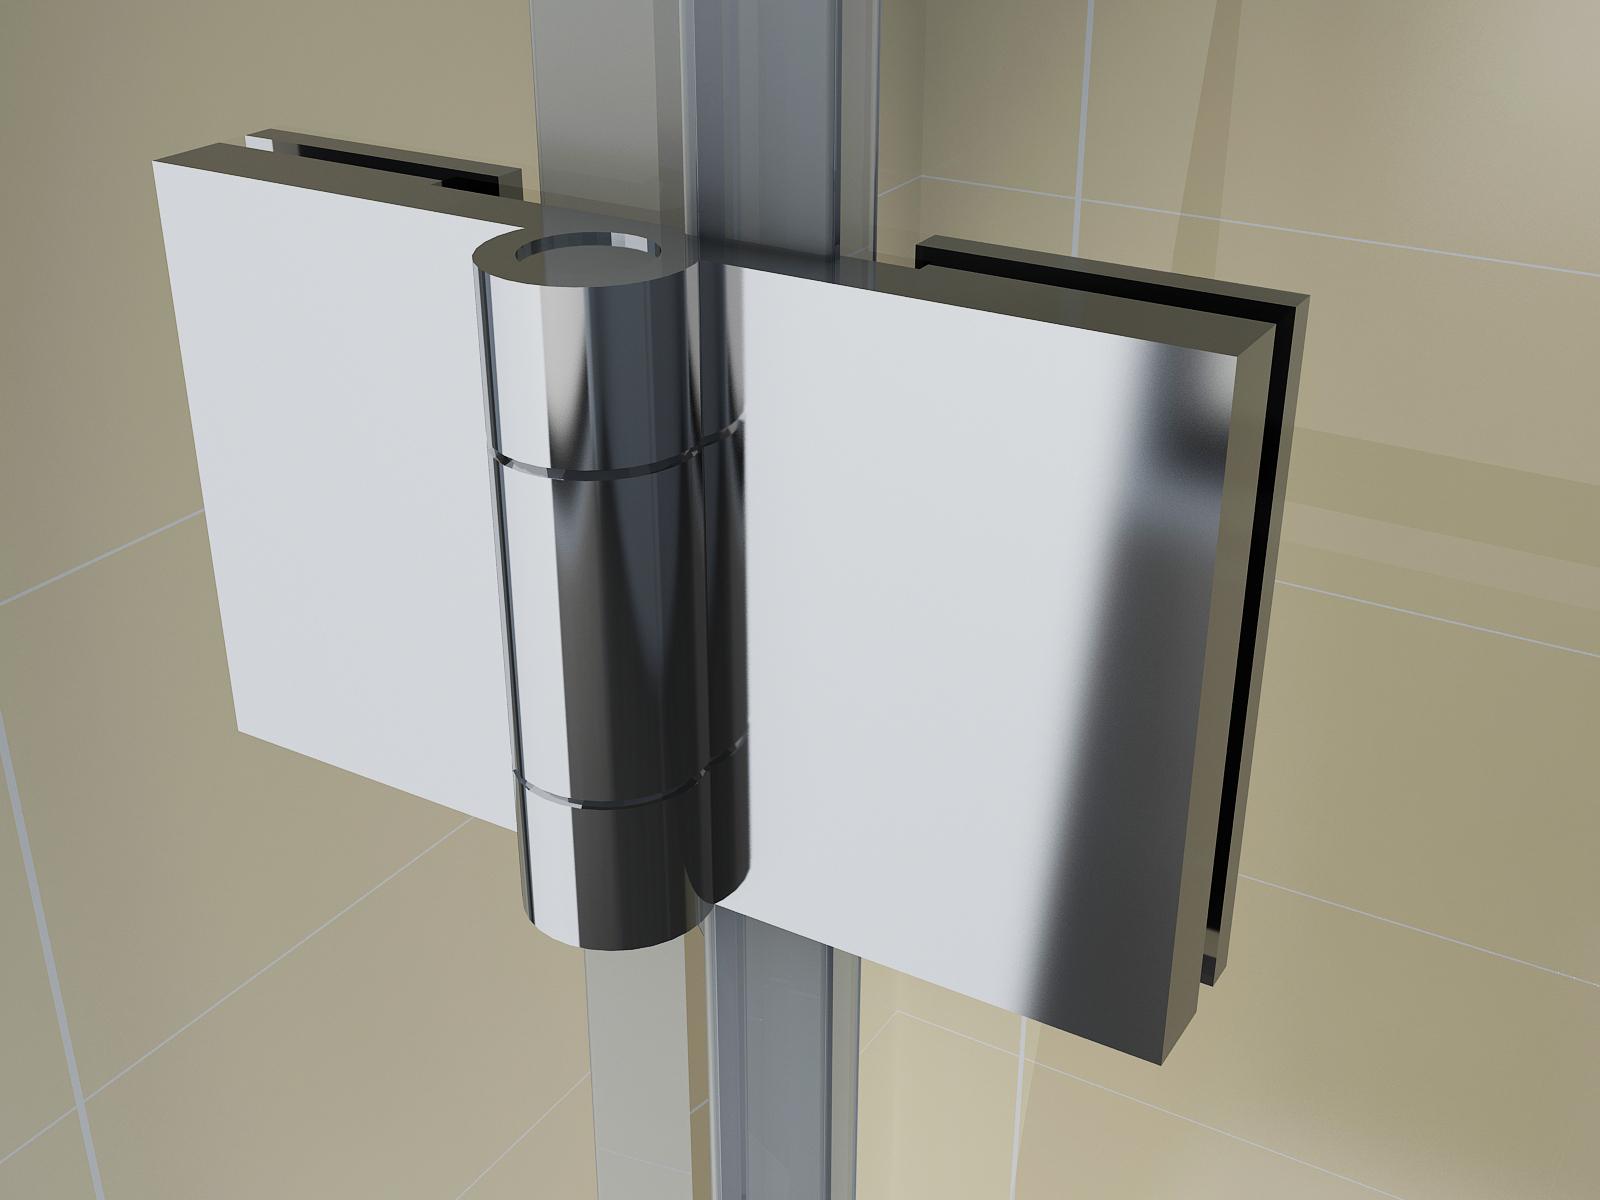 duschkabine dusche duschabtrennung eckeinstieg esg. Black Bedroom Furniture Sets. Home Design Ideas